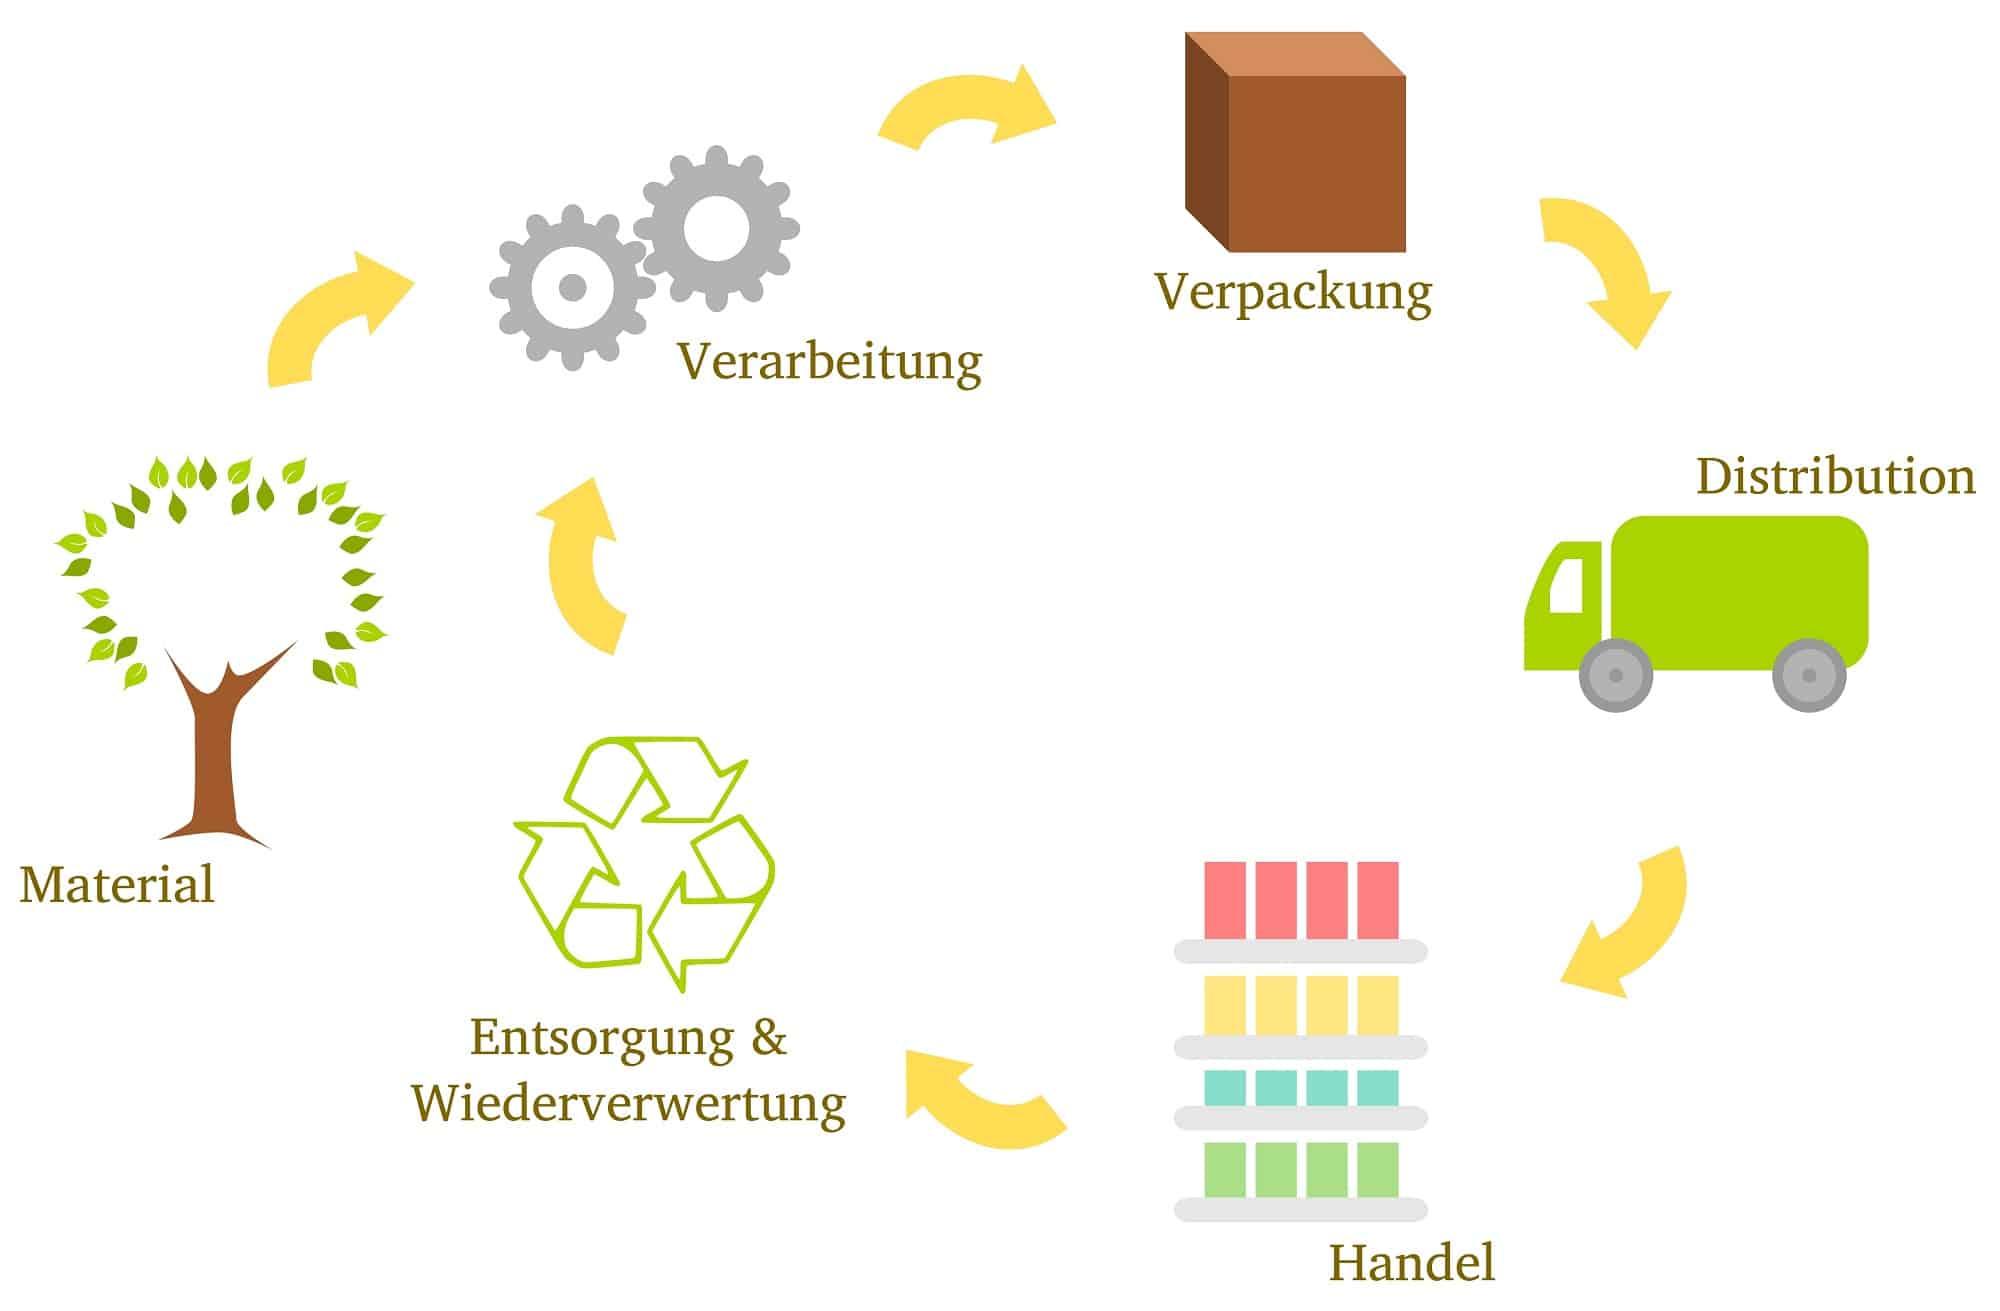 Lebenszyklus von Verpackungen